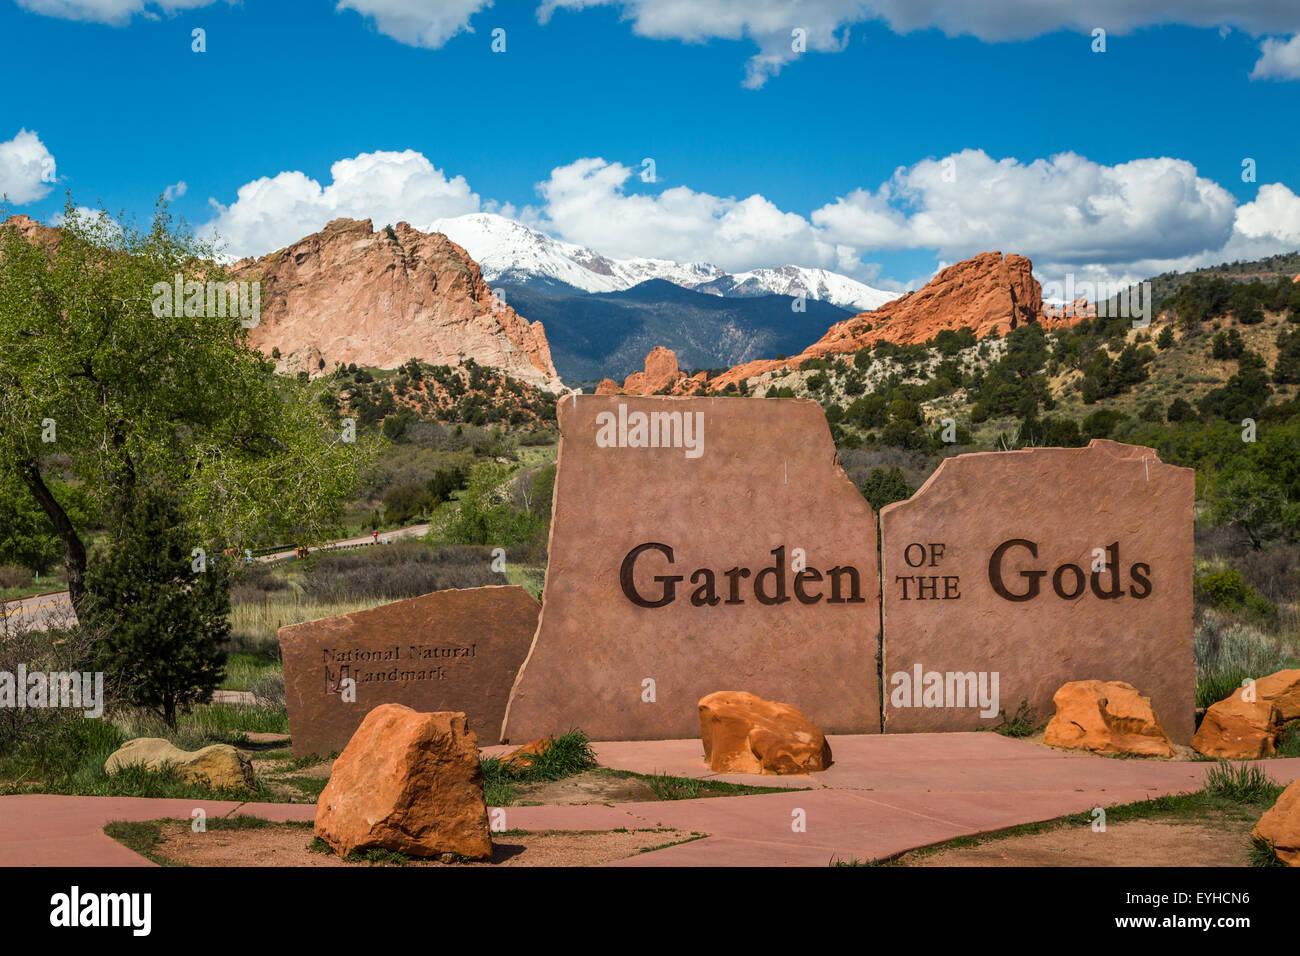 The Garden of the Gods National Natural Landmark sign near Colorado springs, Colorado, USA. - Stock Image